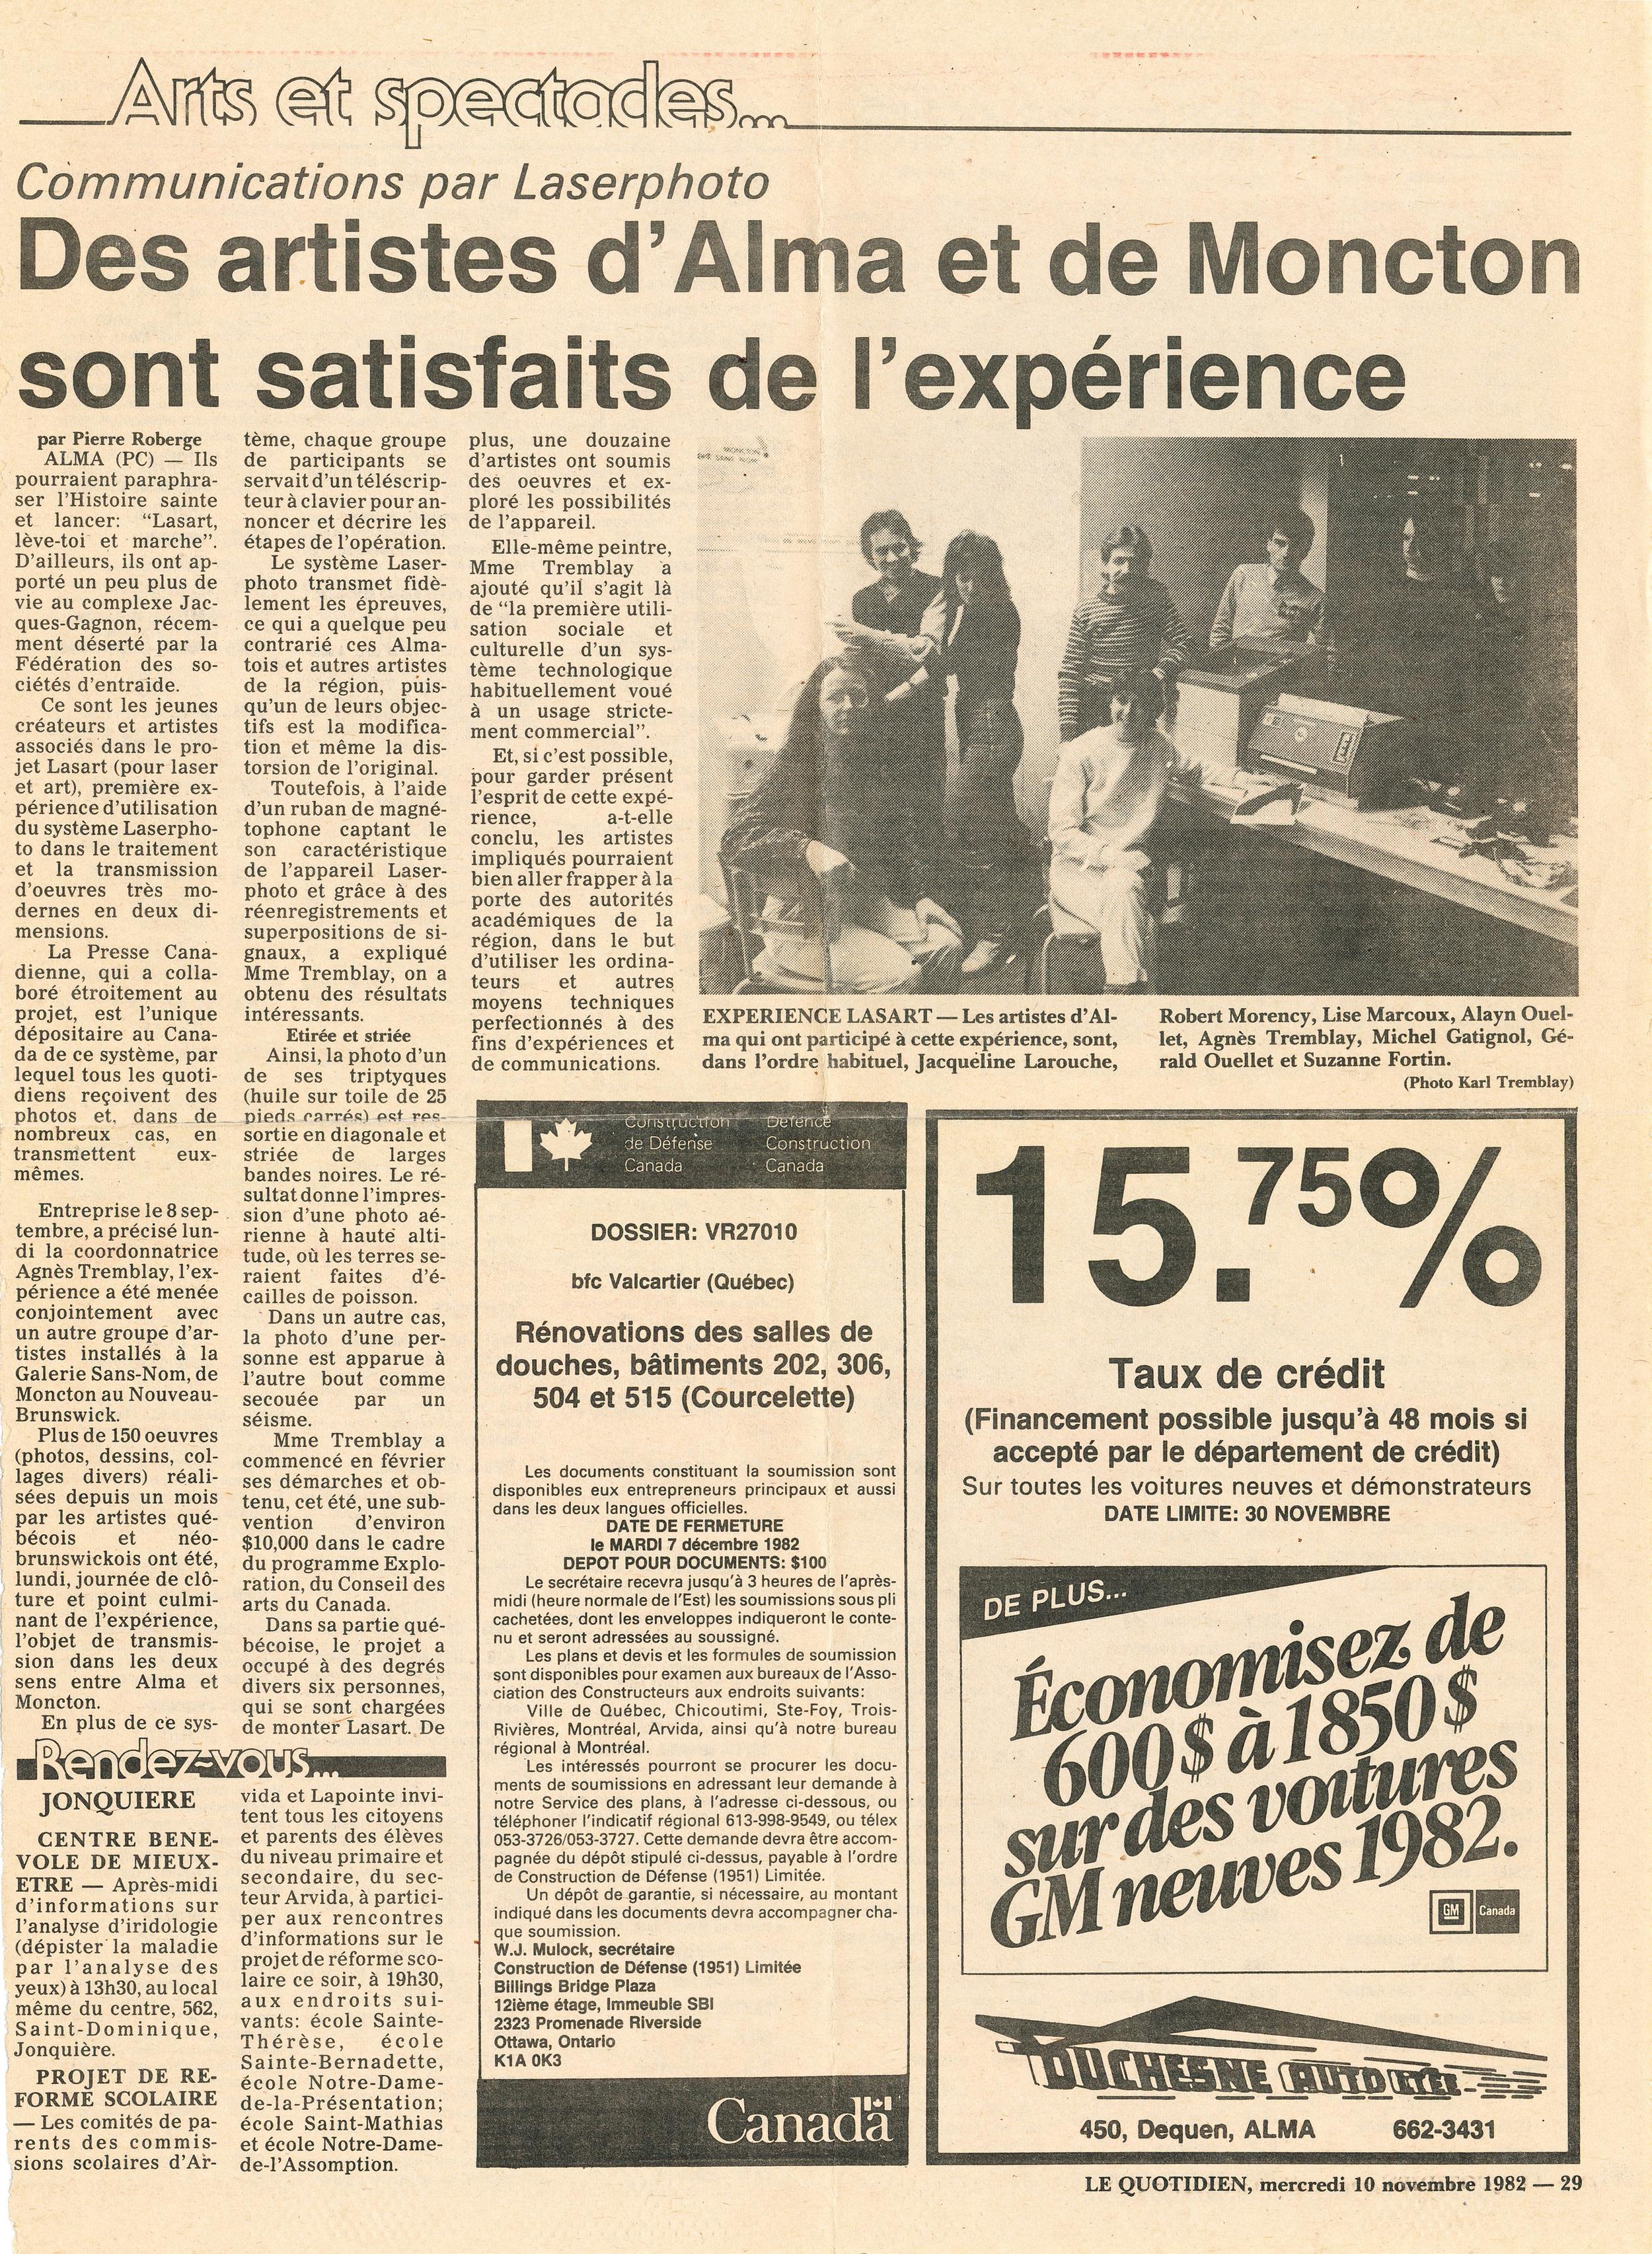 Document original : Article de presse, Le Quotidien, 10 novembre 1982.